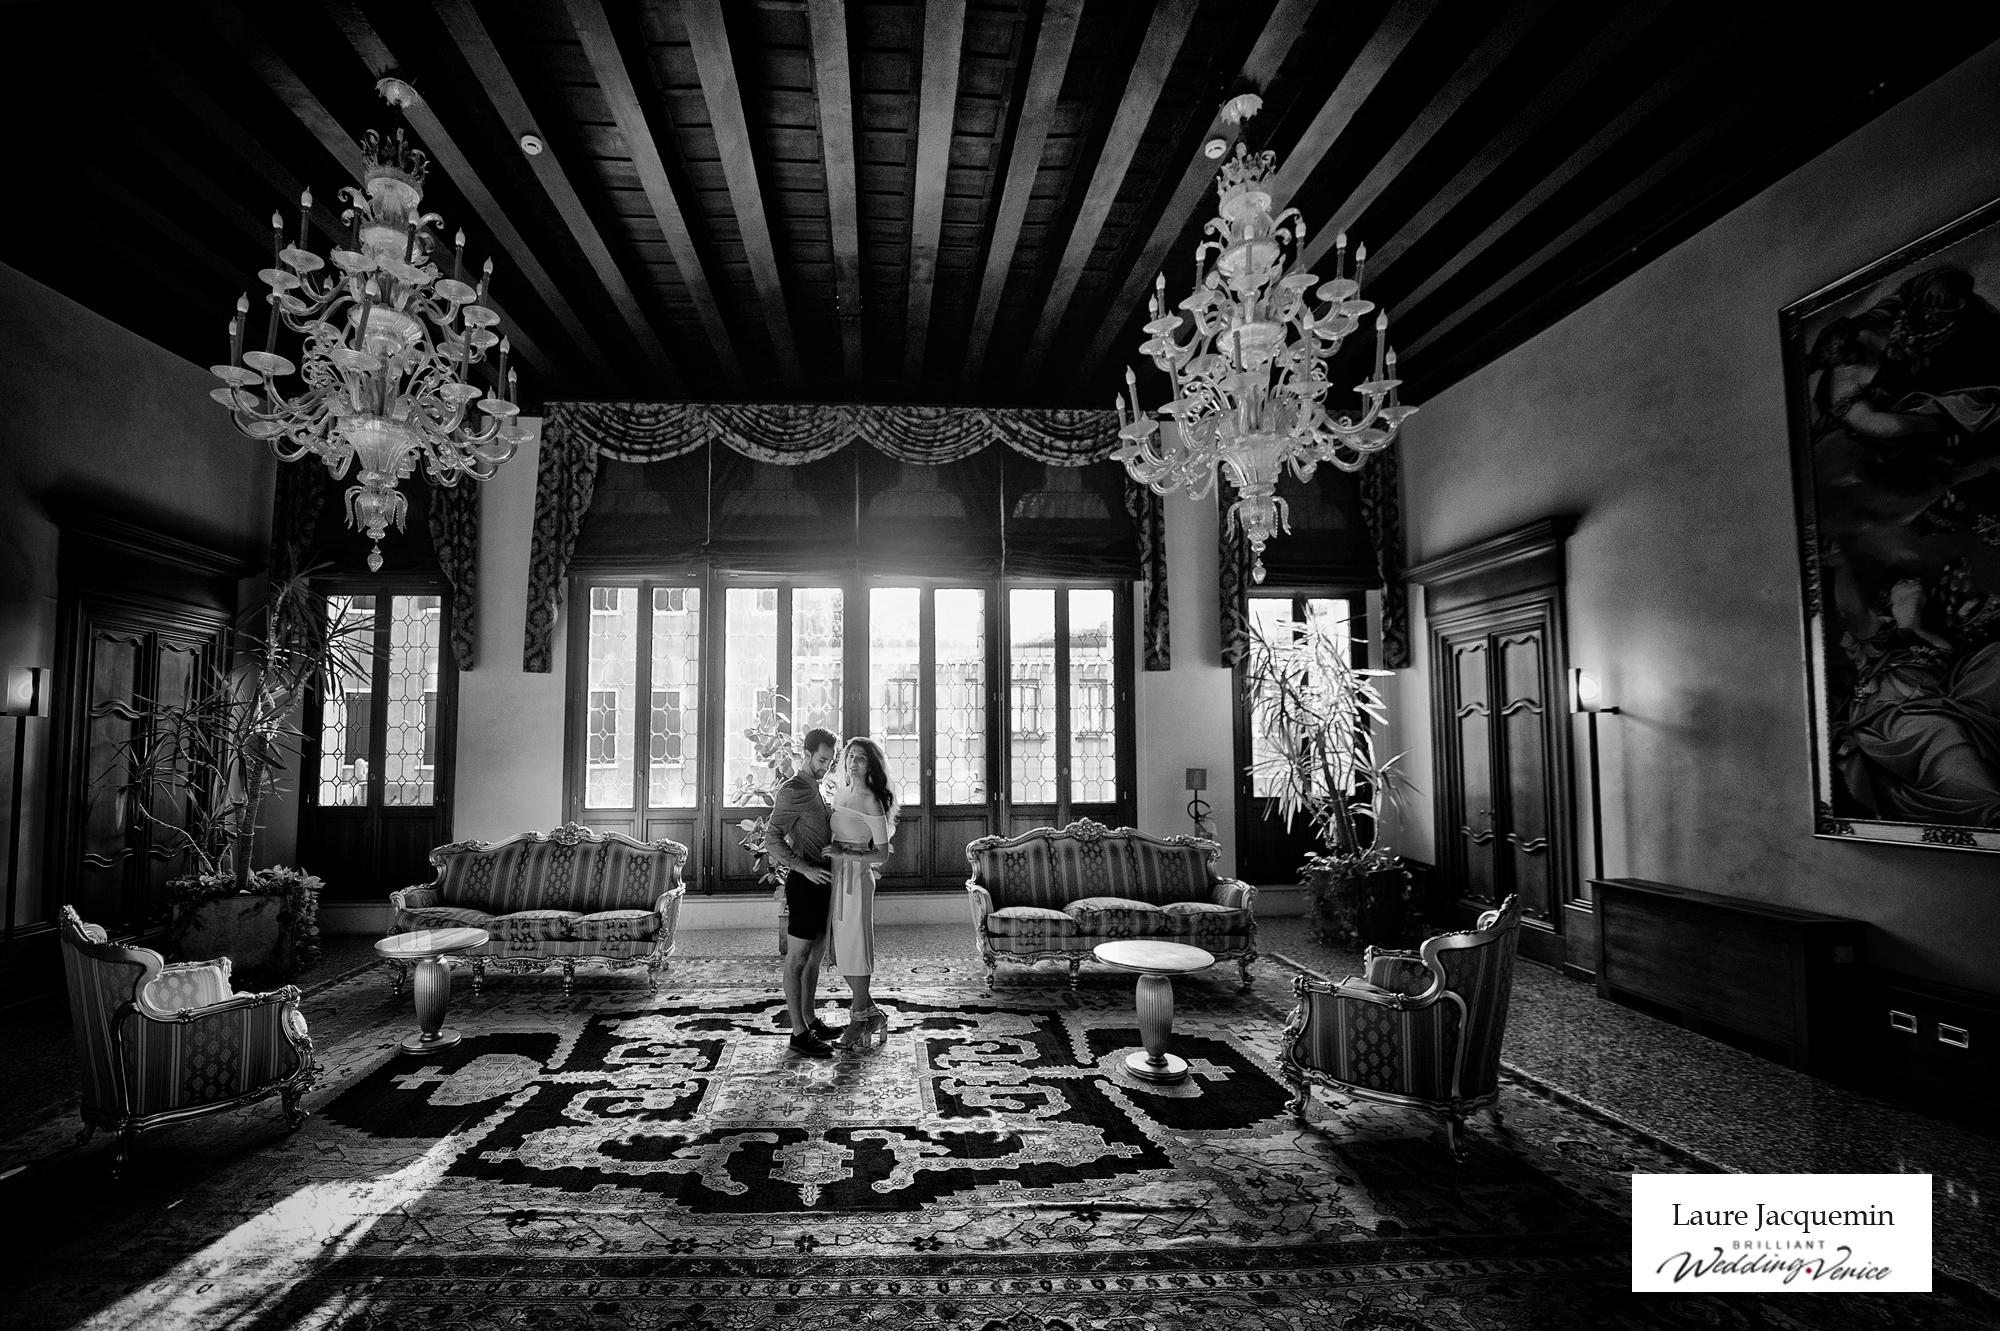 venise gondole banner fiancaille photographe demande mariage laure jacquemin (45)